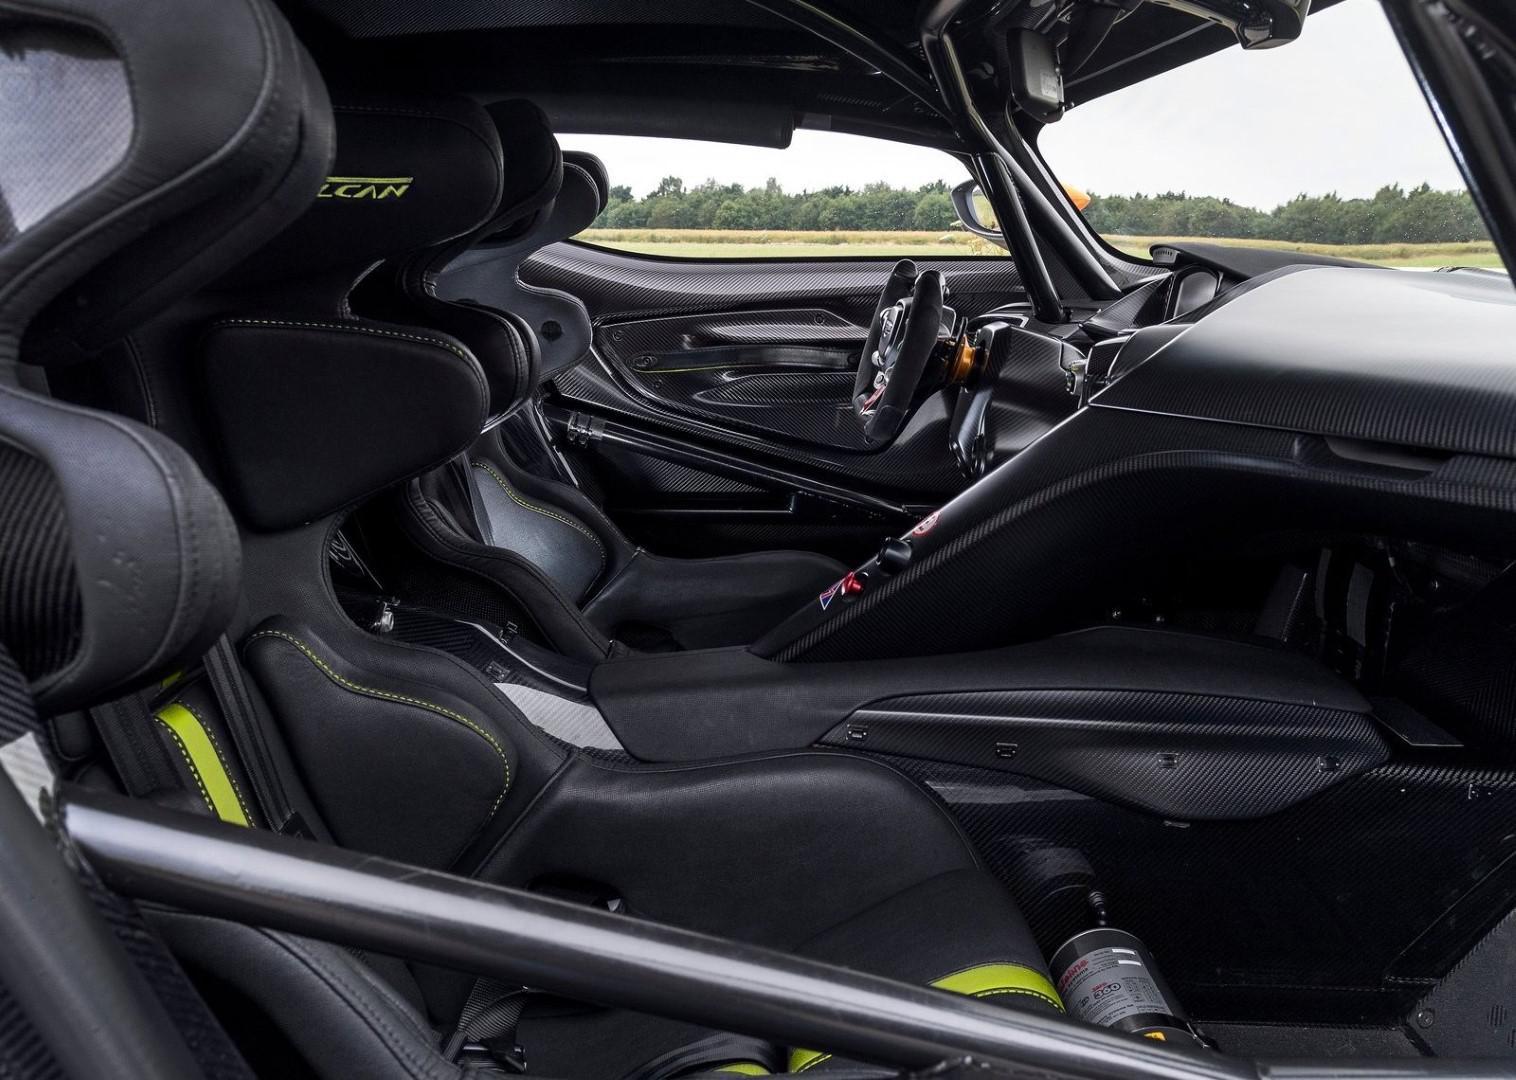 la-voiture-de-piste-la-plus-extreme-au-monde-aston-martin-vulcan-amr-pro-1308-2.jpg